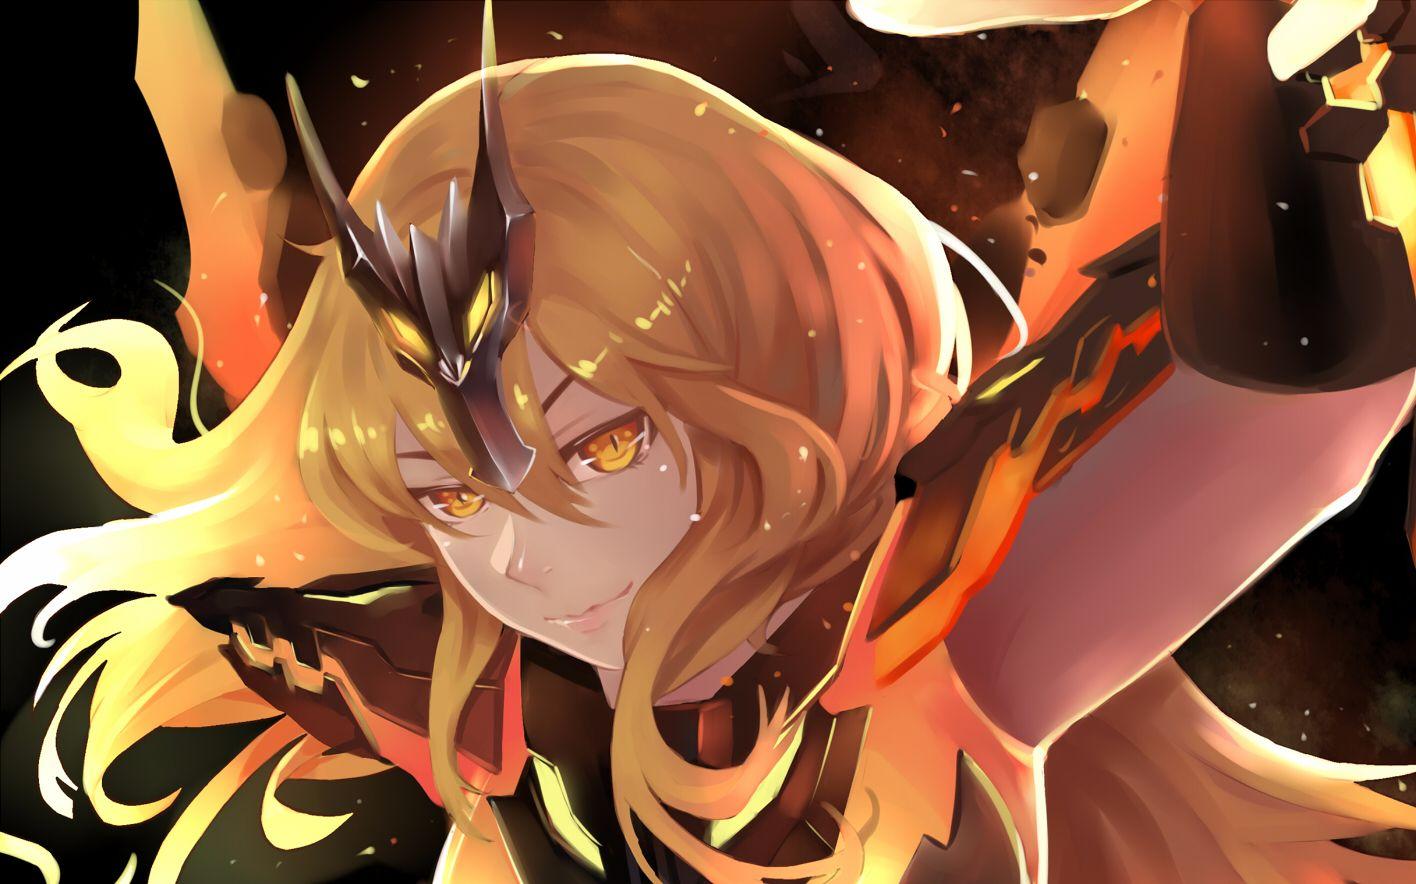 愺-�Z[>X/��#��想射_ennnnnnn 射爆?假面骑士cross z magma